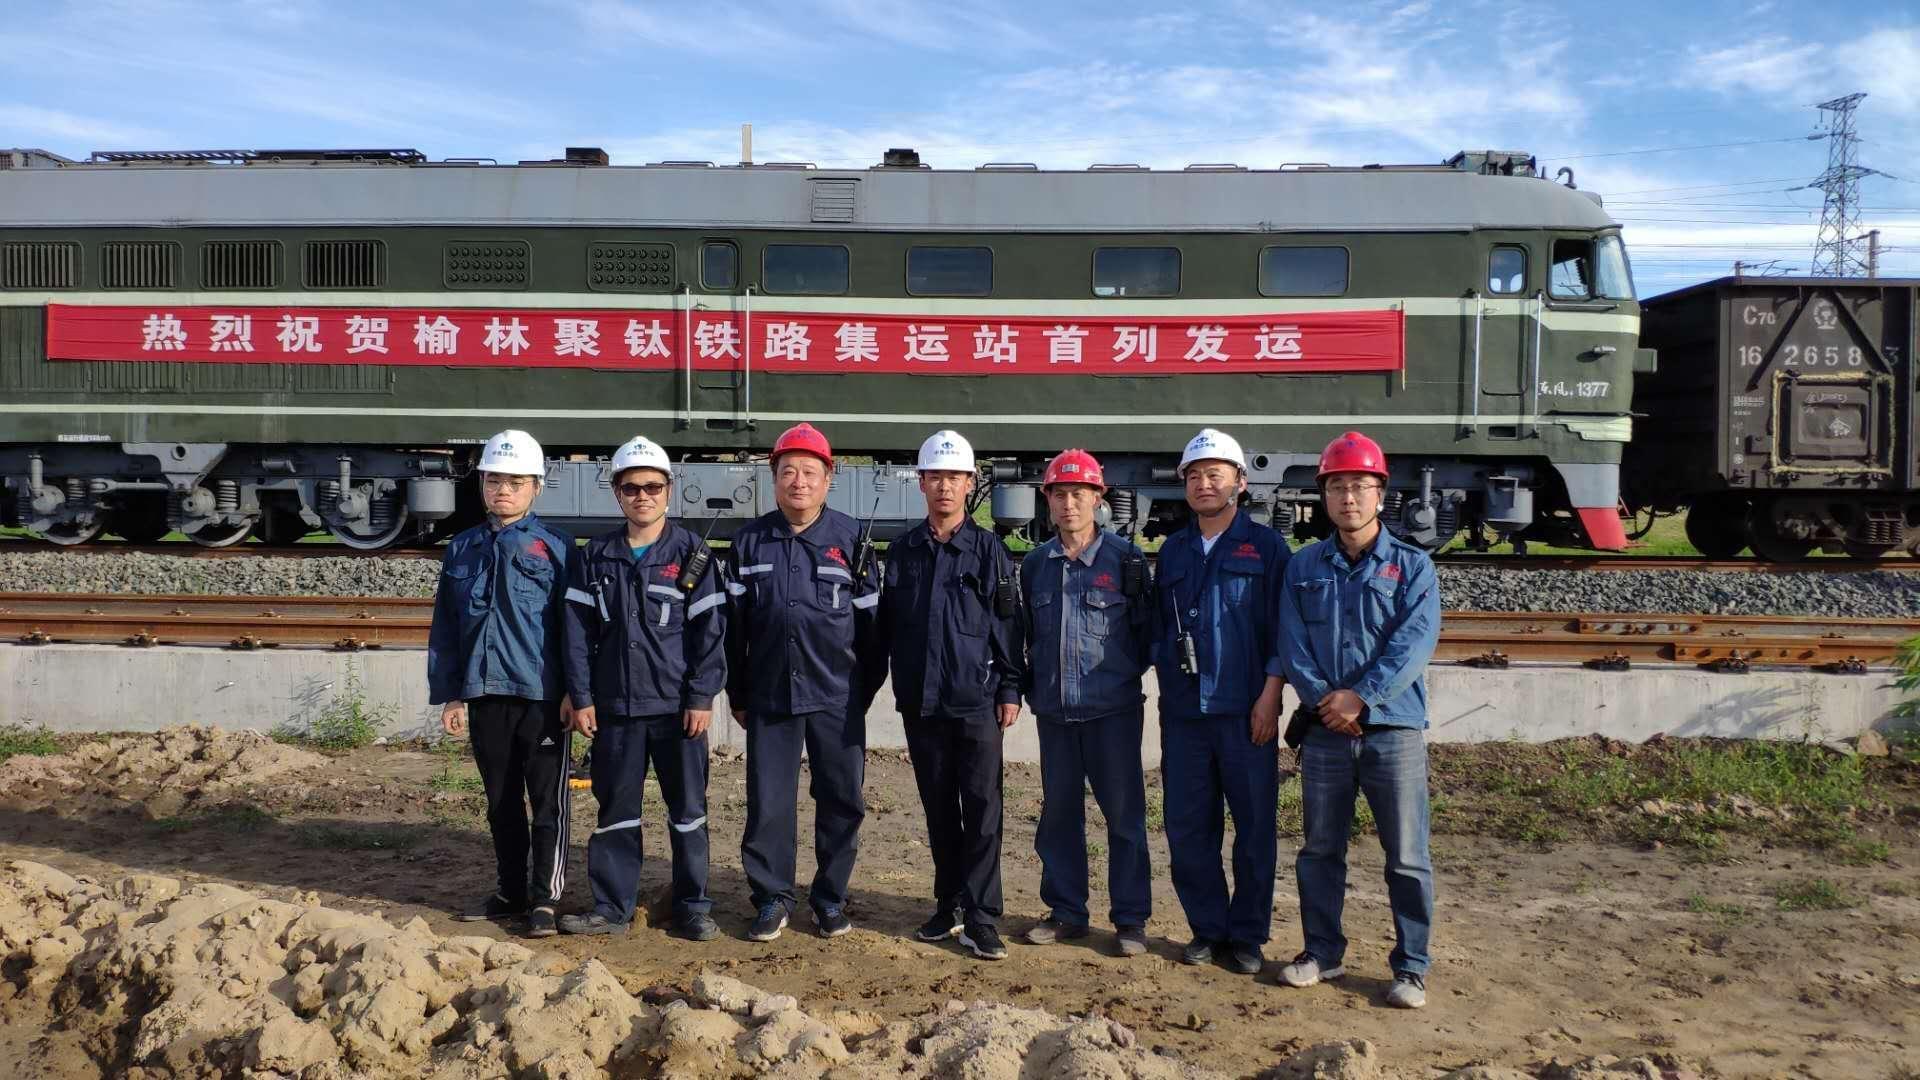 喜报-榆林聚钛集运站项目首列发运圆满成功